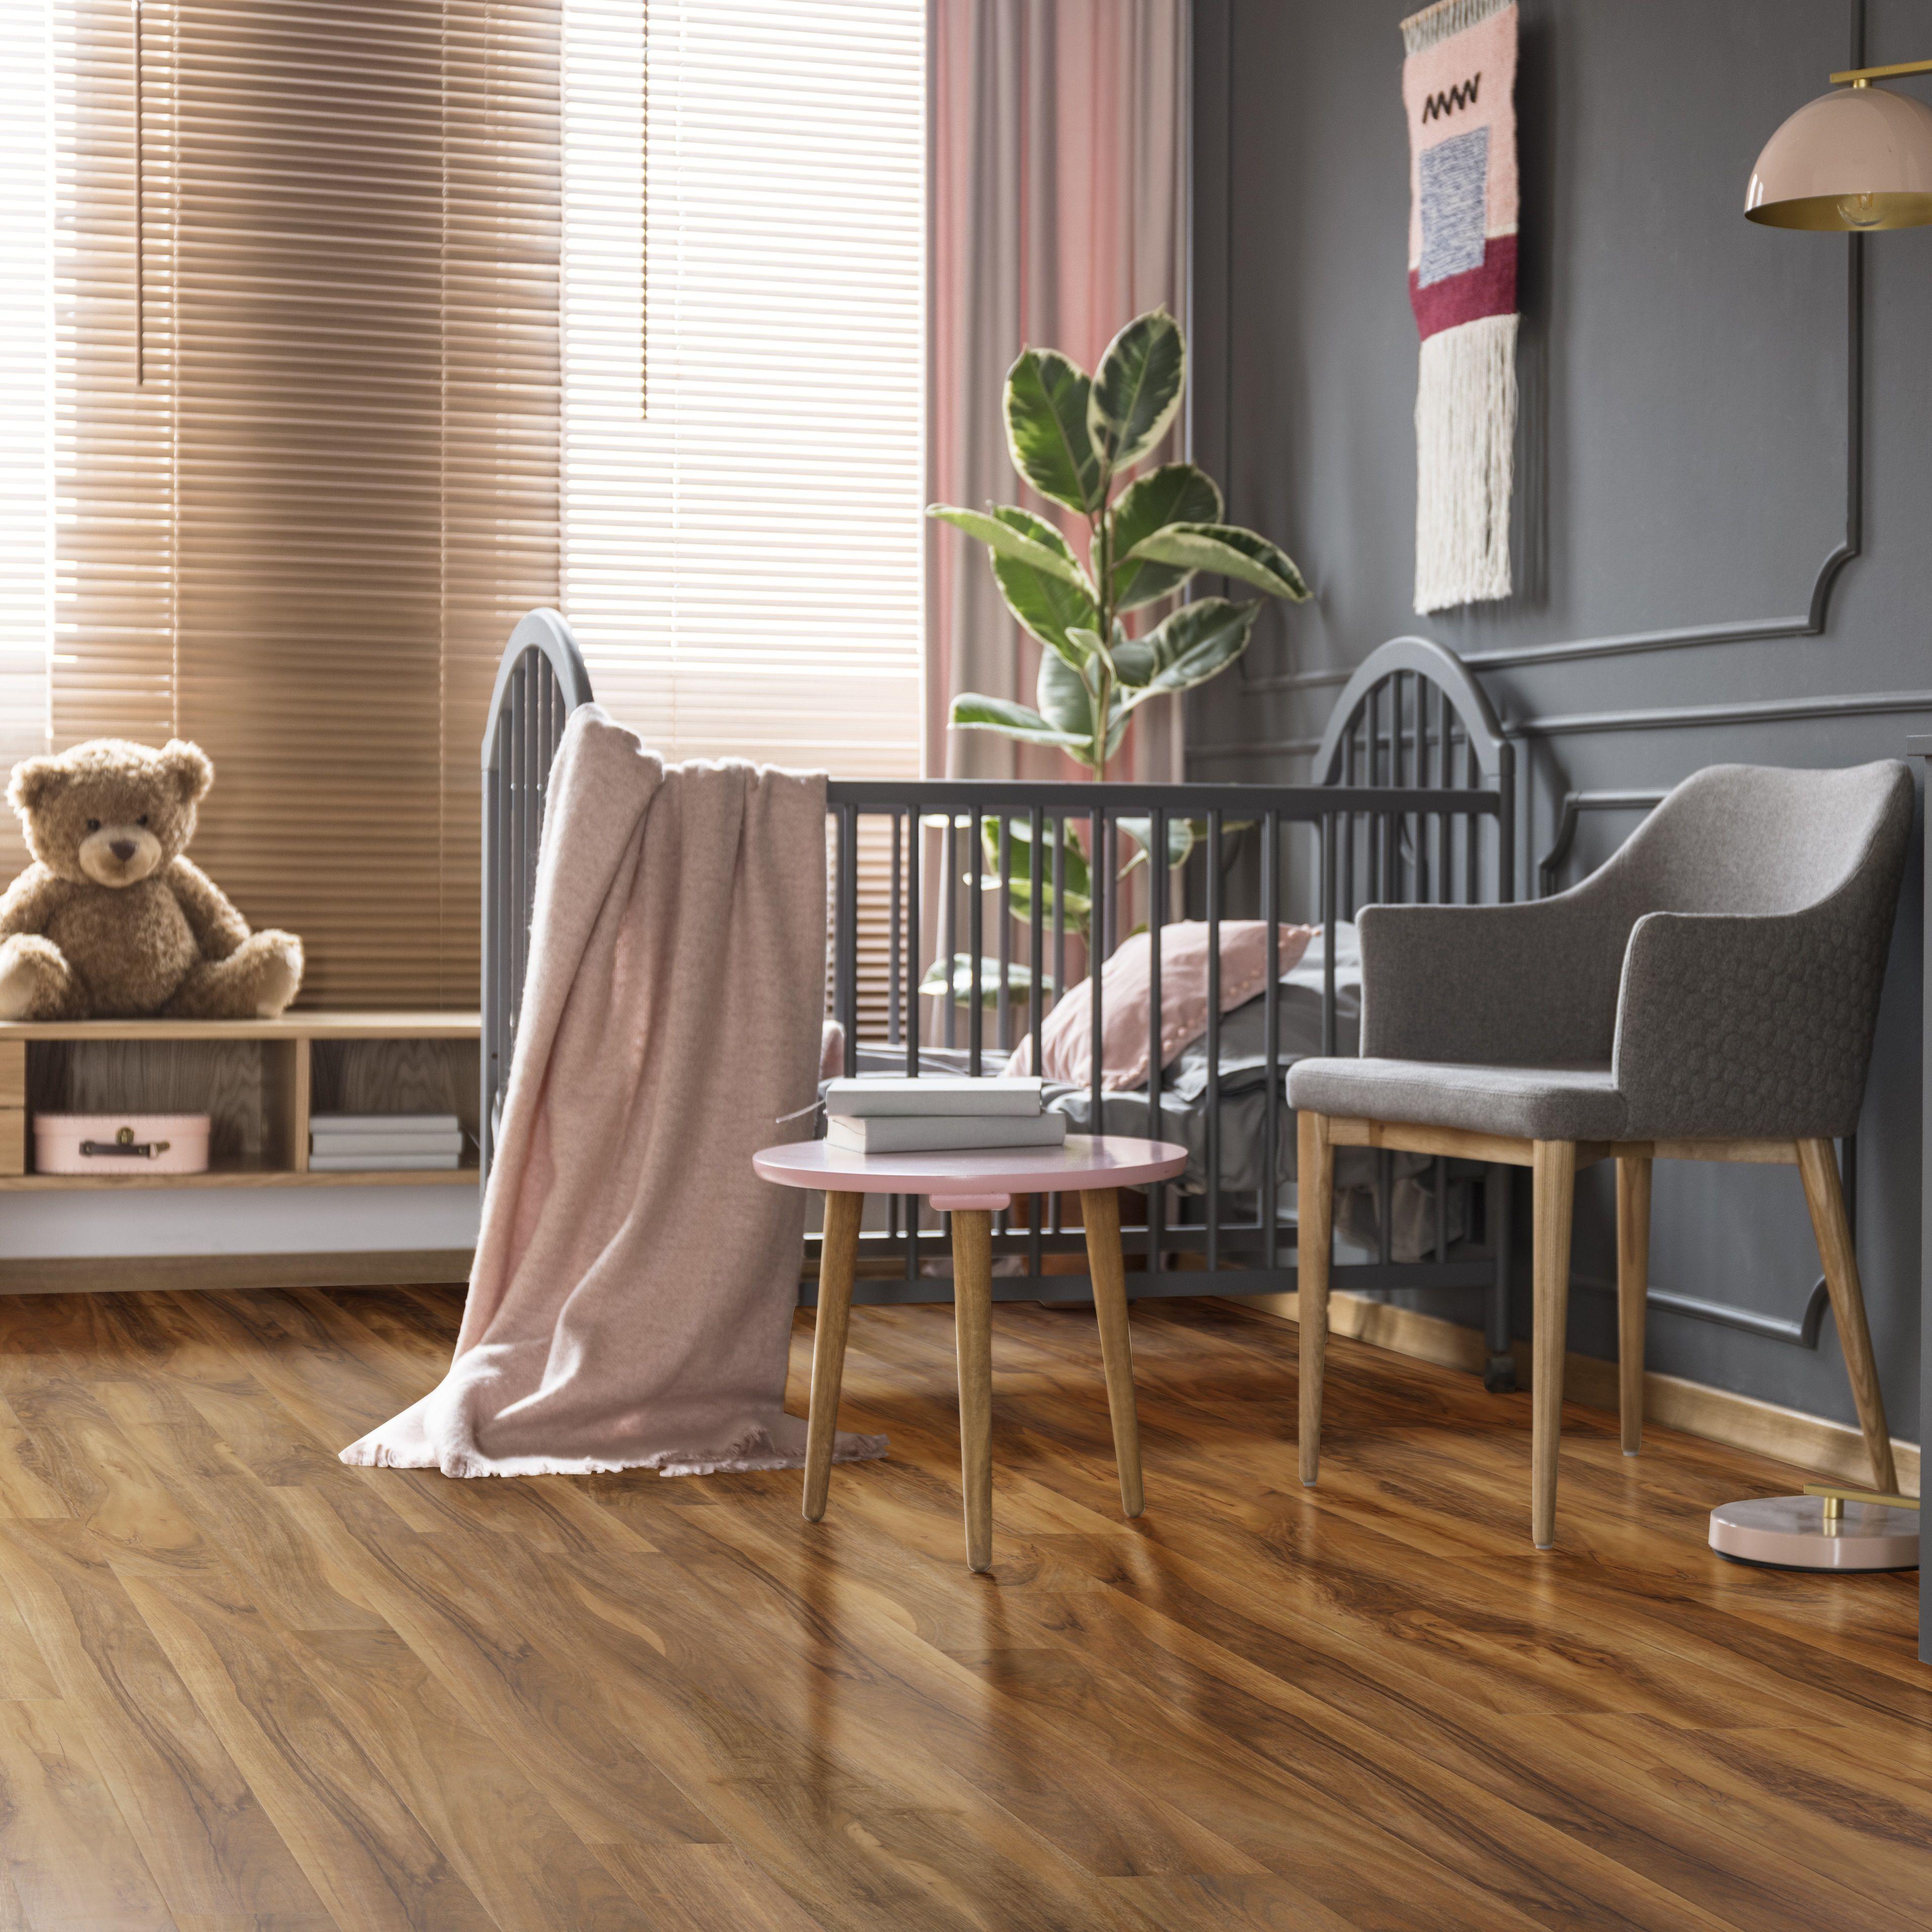 Laminate Flooring - B&Q